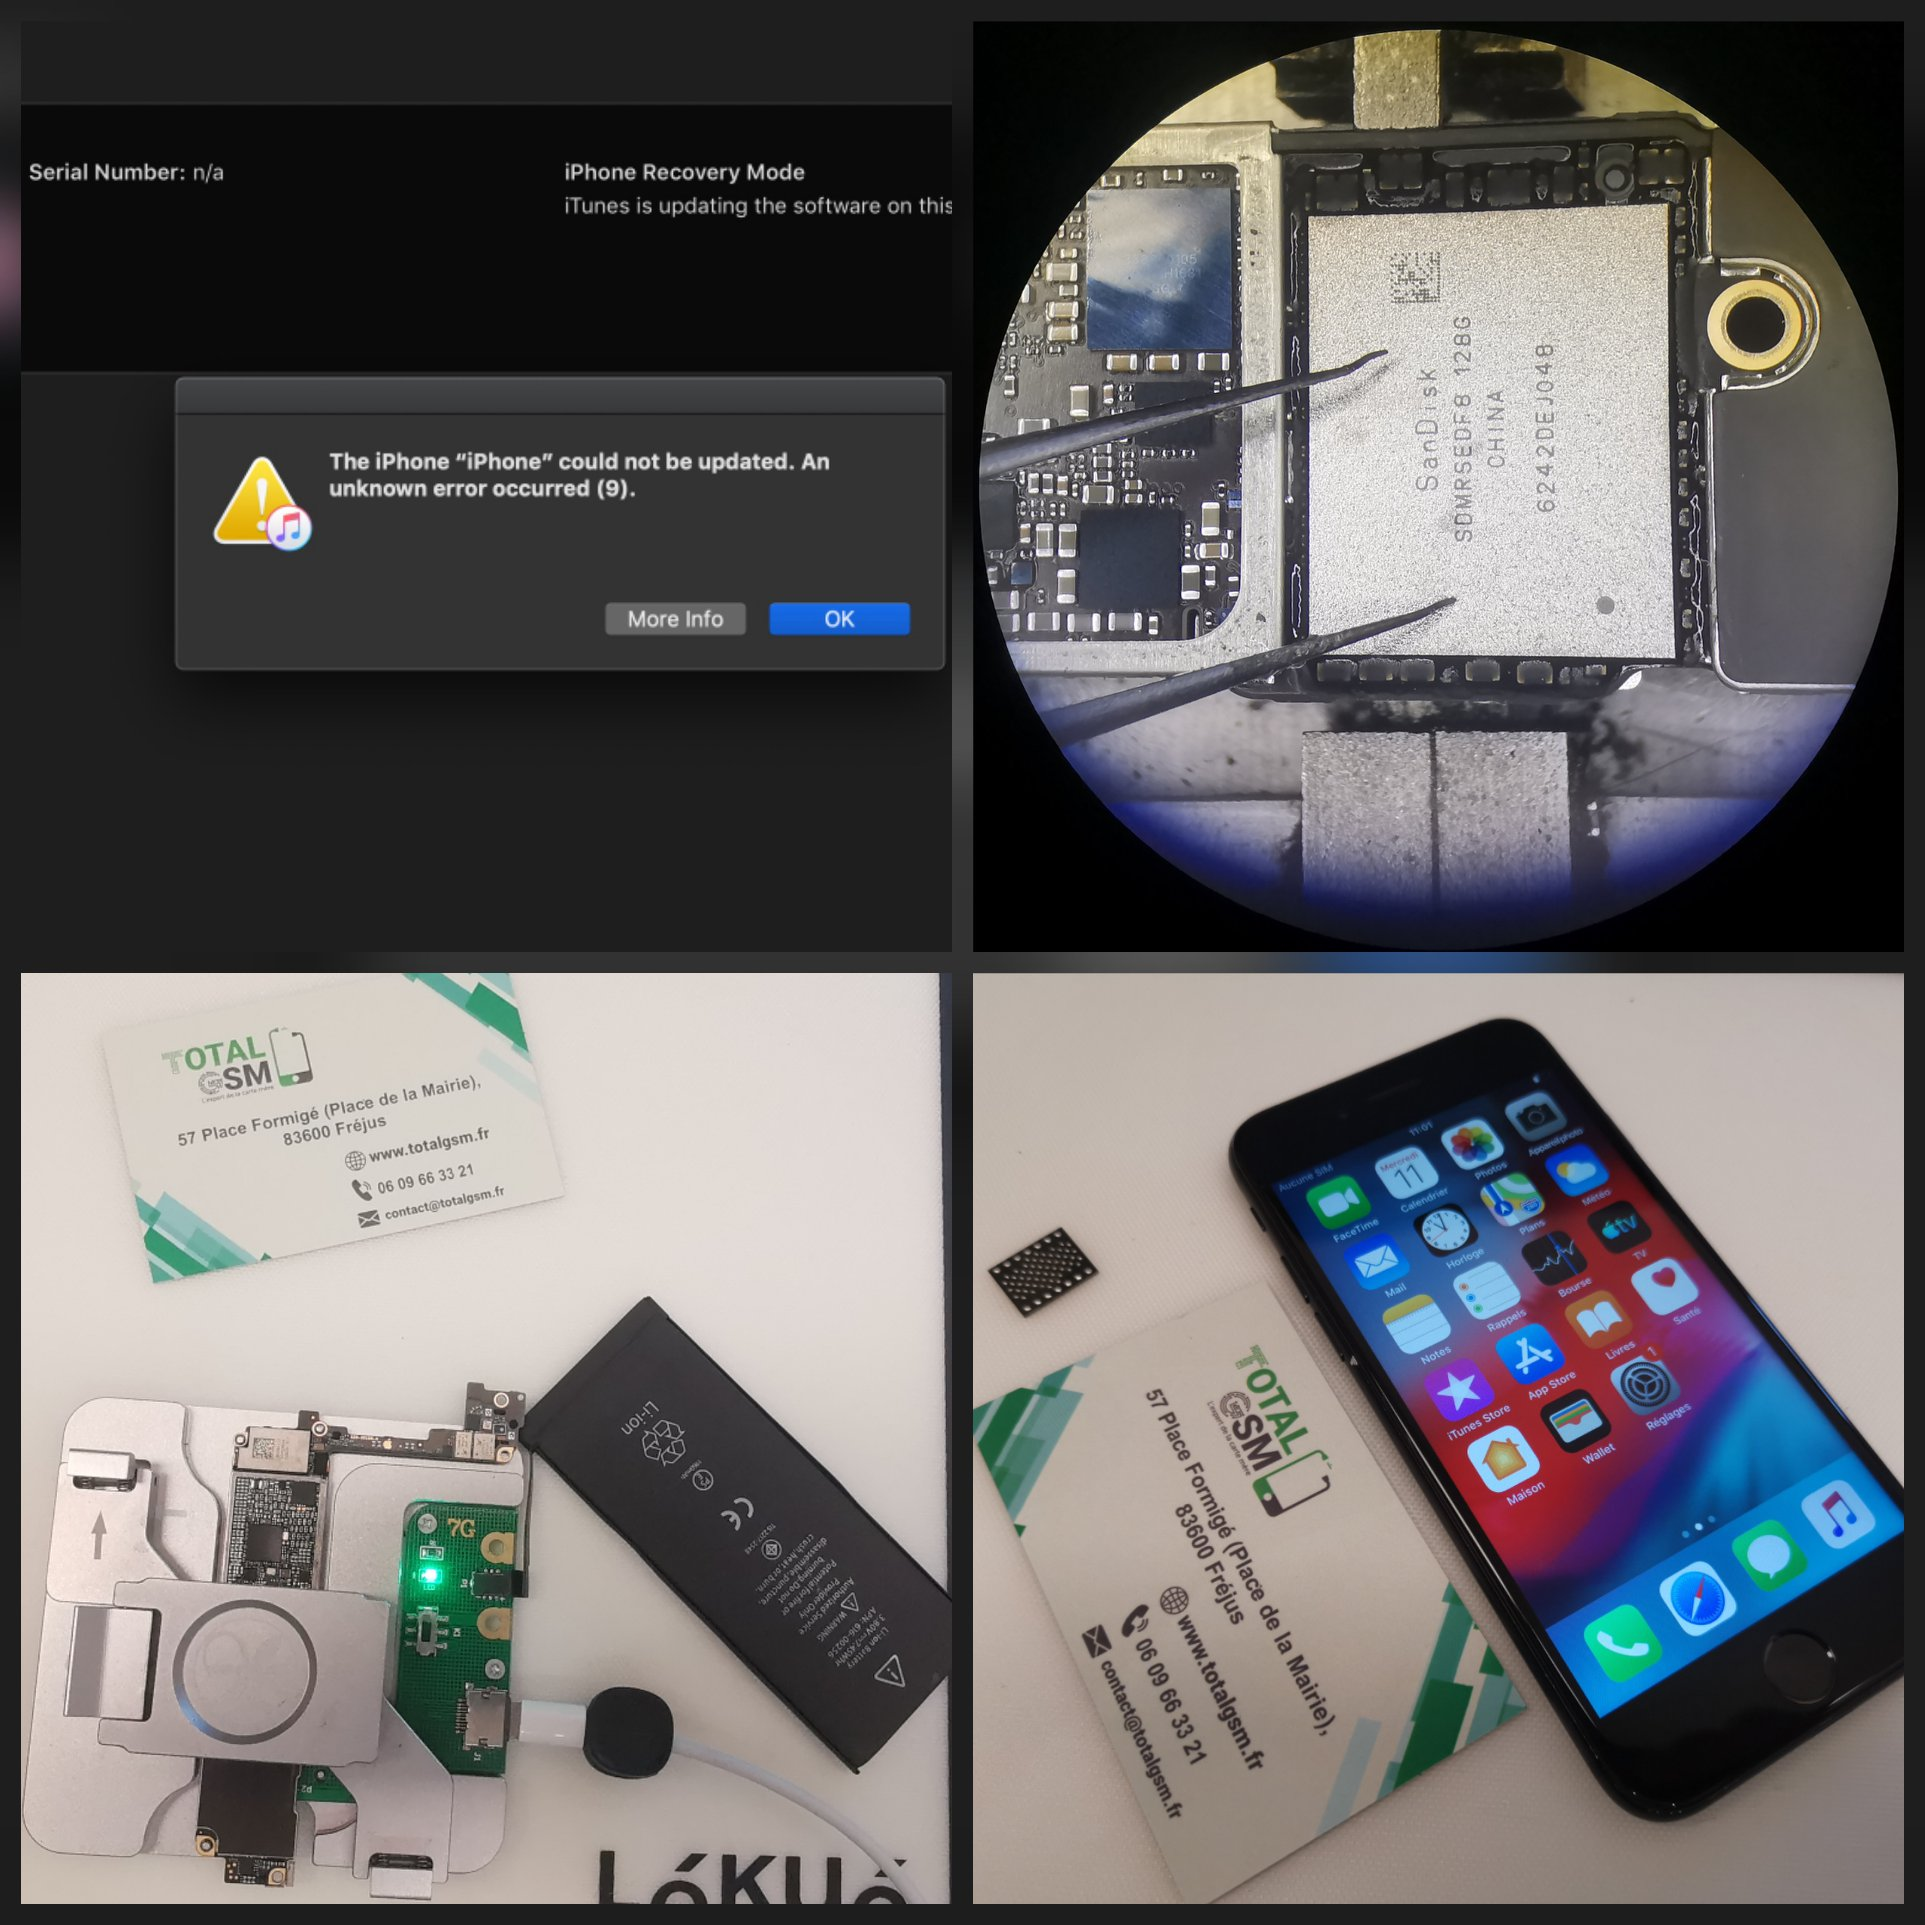 Réparation iPhone 7 - Erreur 9 iTunes